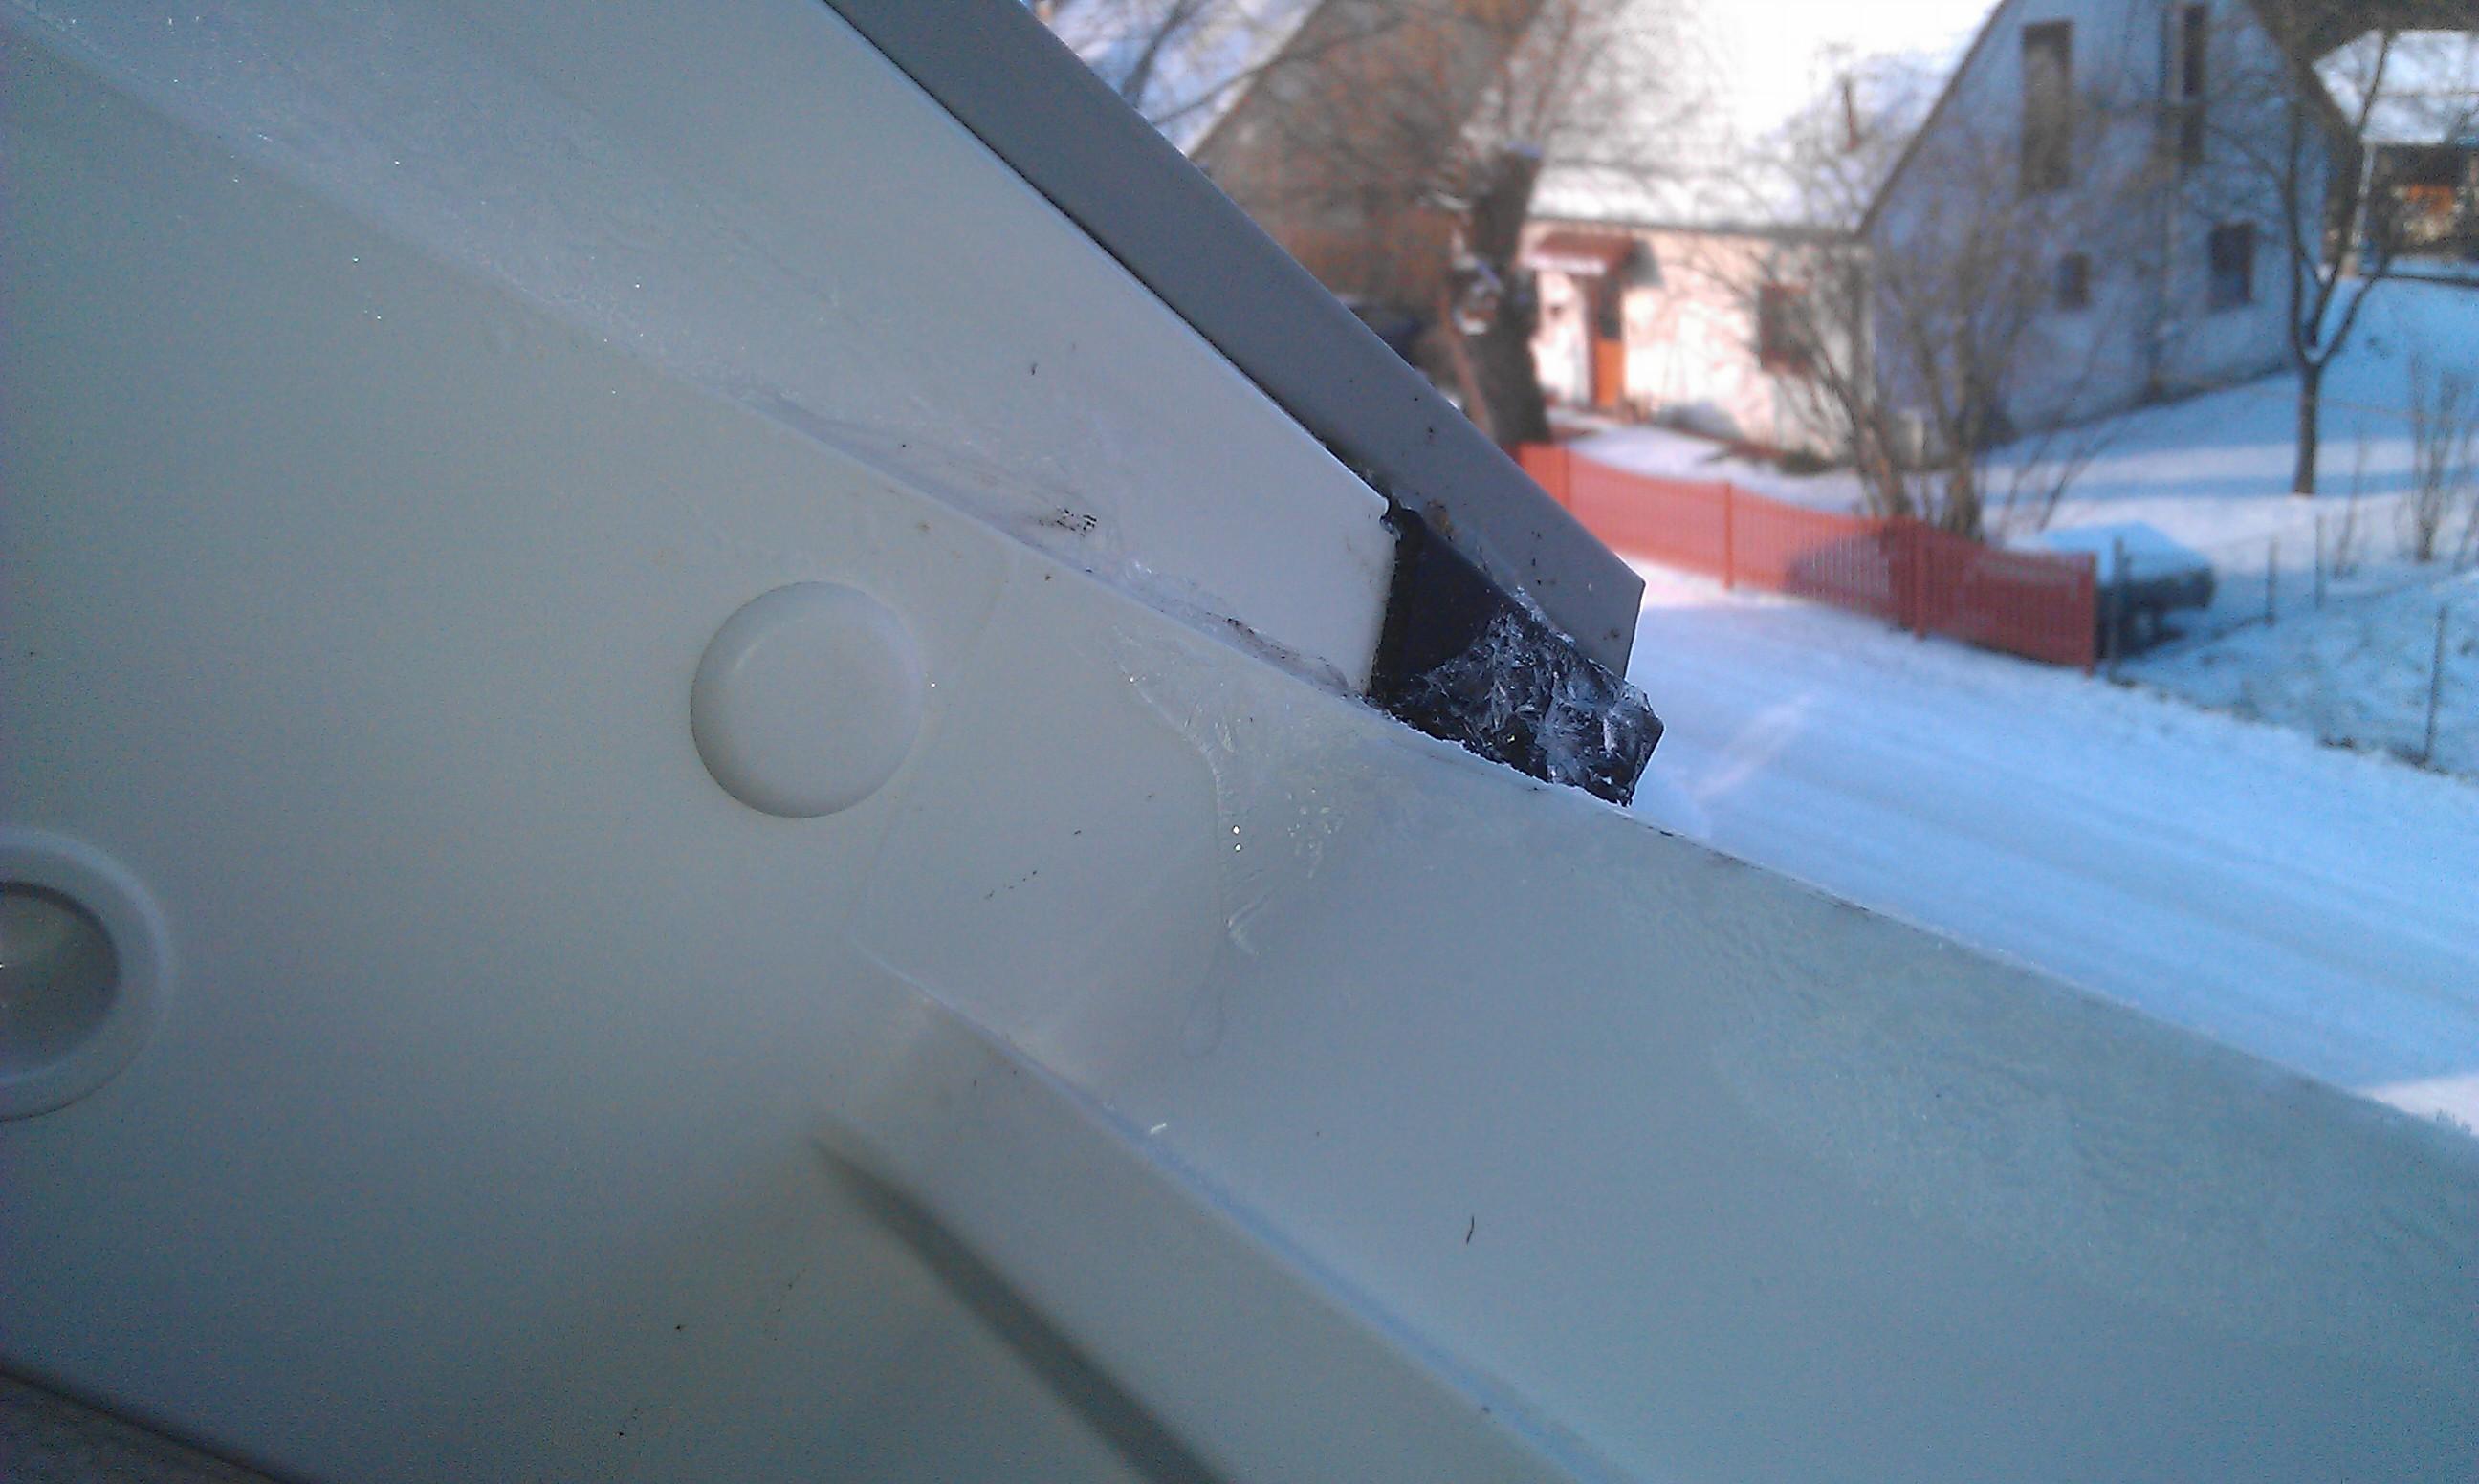 velux dachfenster rahmen feucht normal haus fenster dach. Black Bedroom Furniture Sets. Home Design Ideas